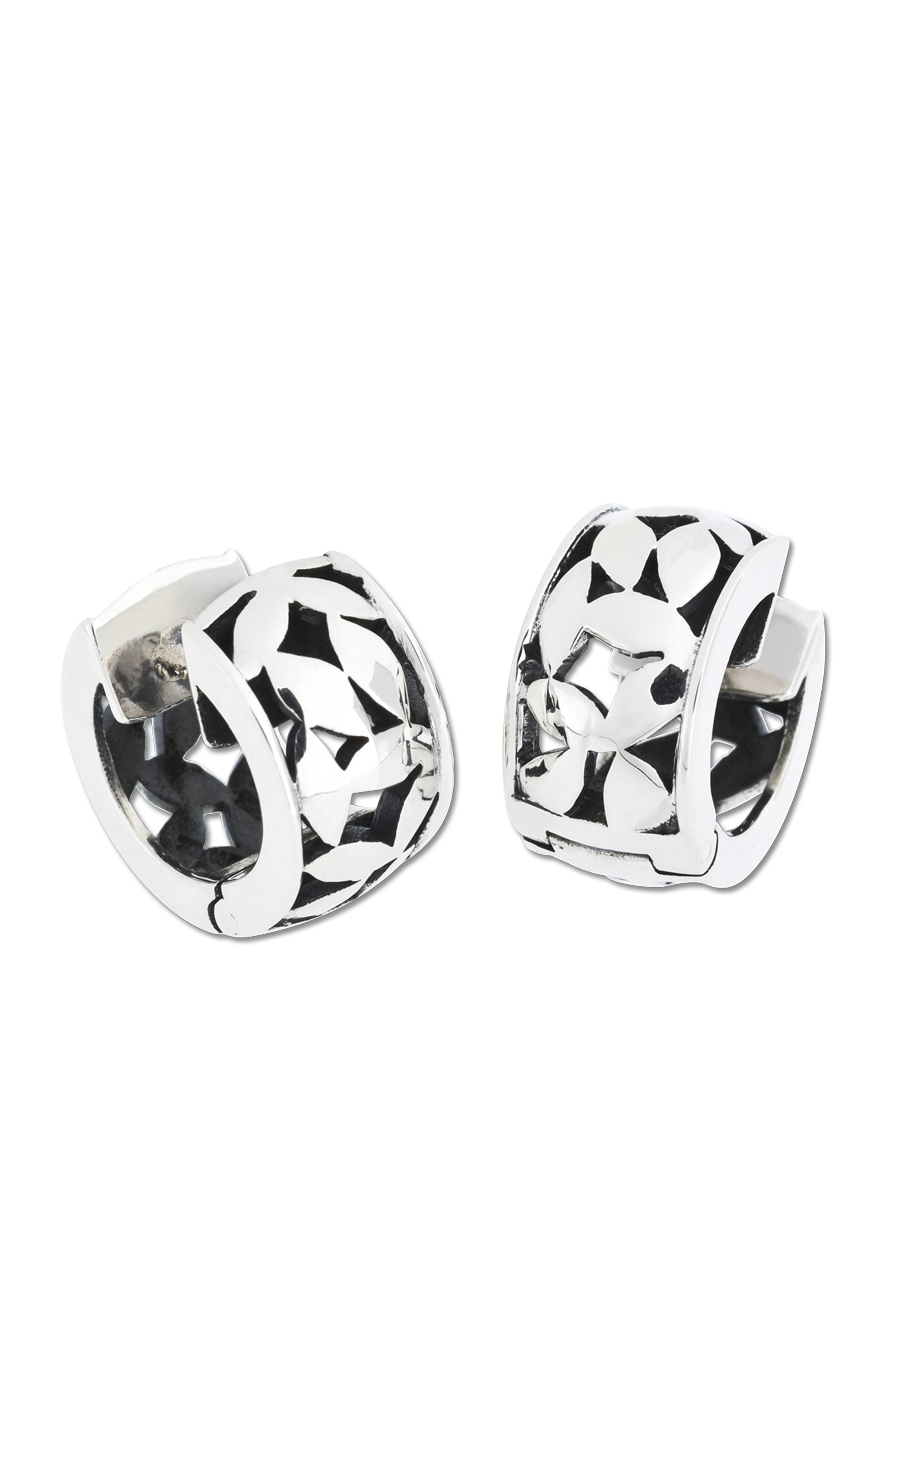 Zina Swirl Earrings B1356 product image